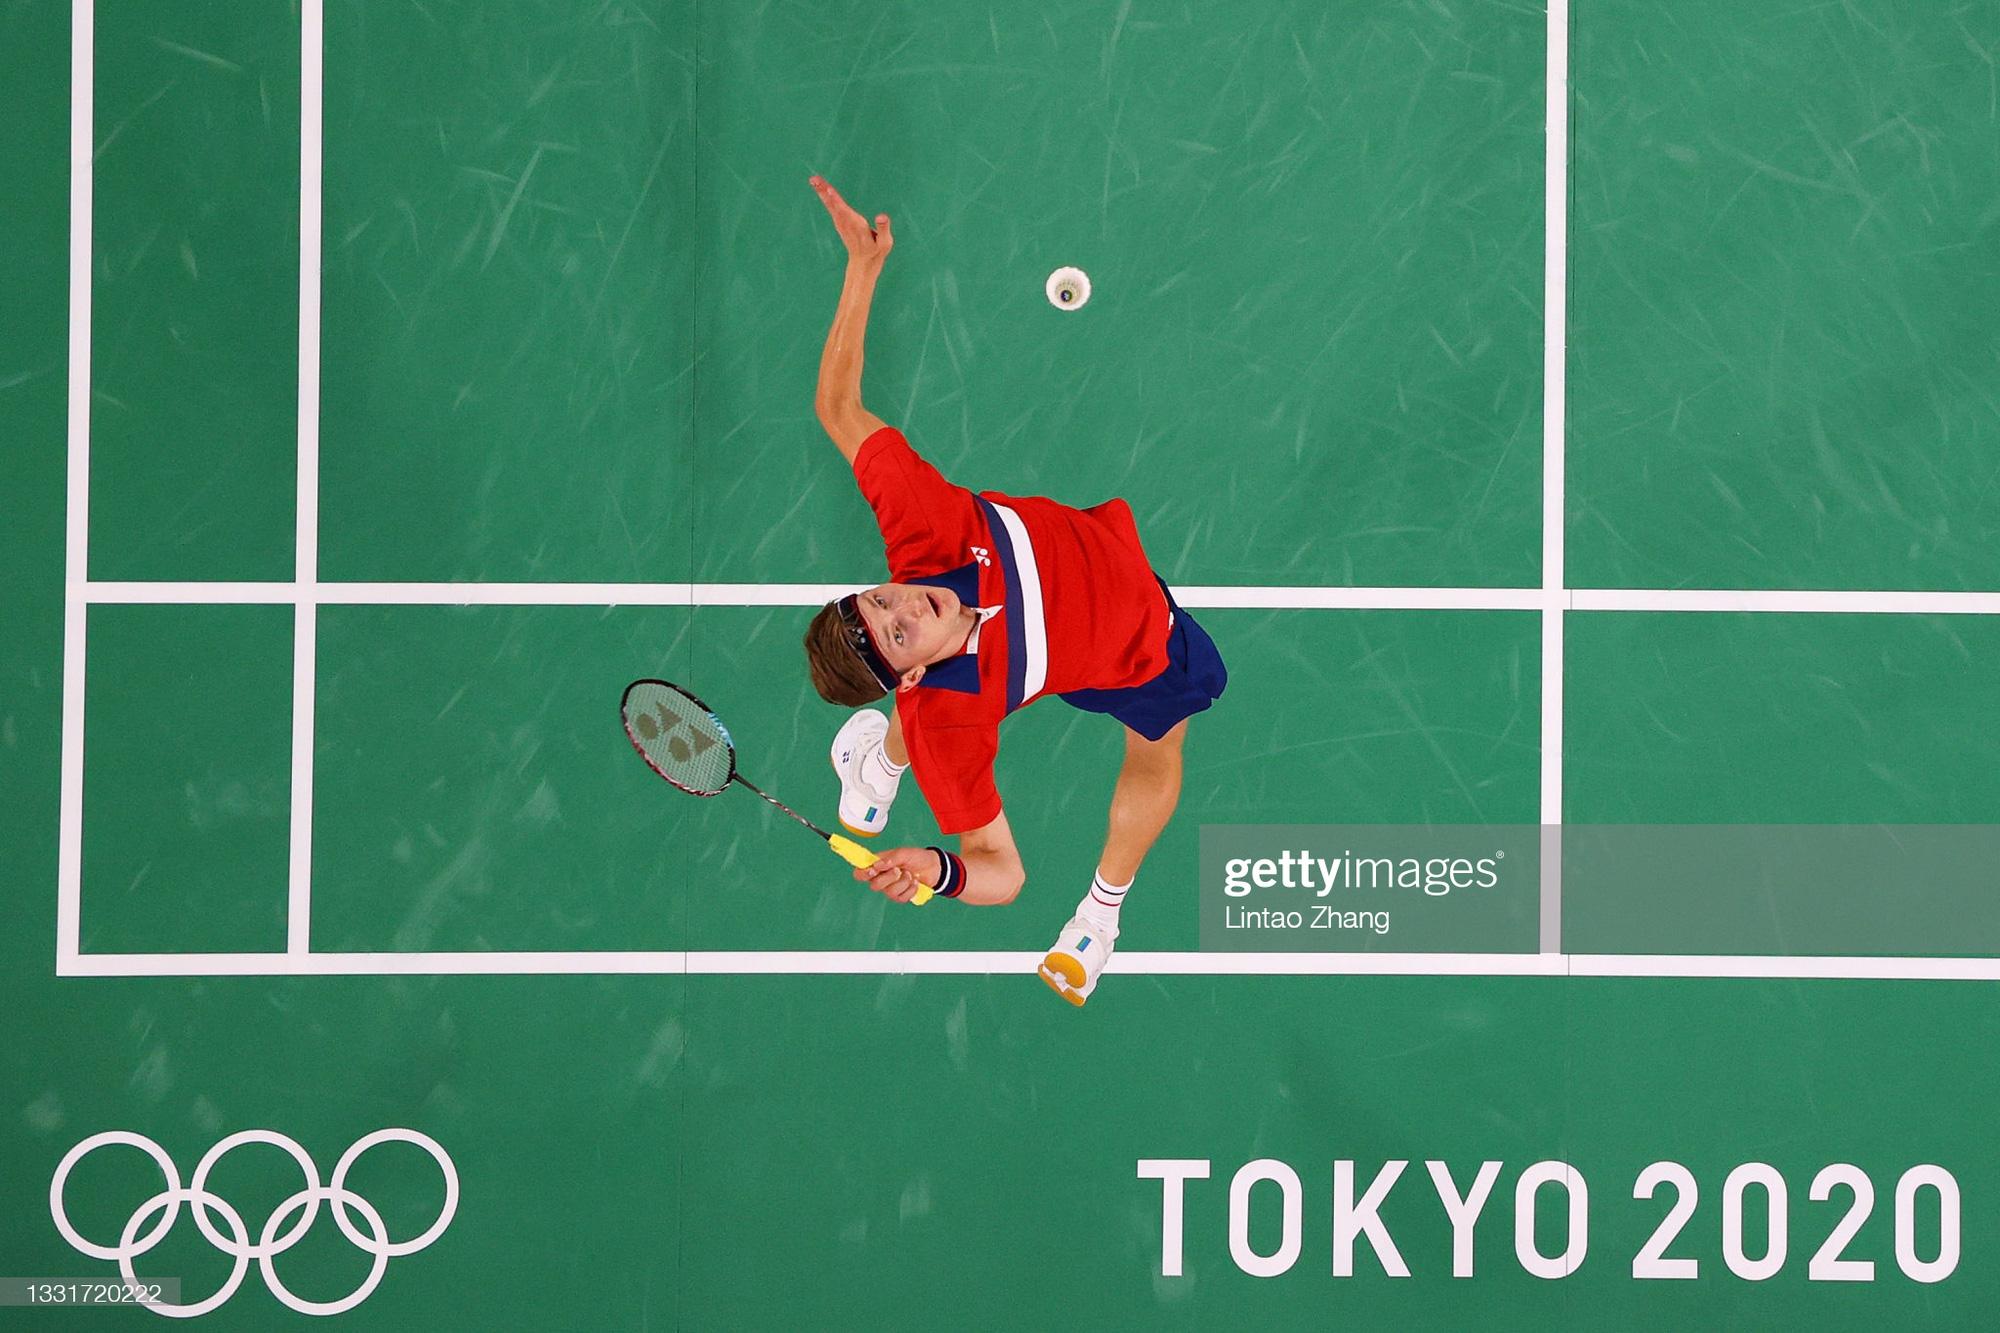 Những góc ảnh đẹp ngỡ ngàng ở Olympic Tokyo 2020 - Ảnh 8.